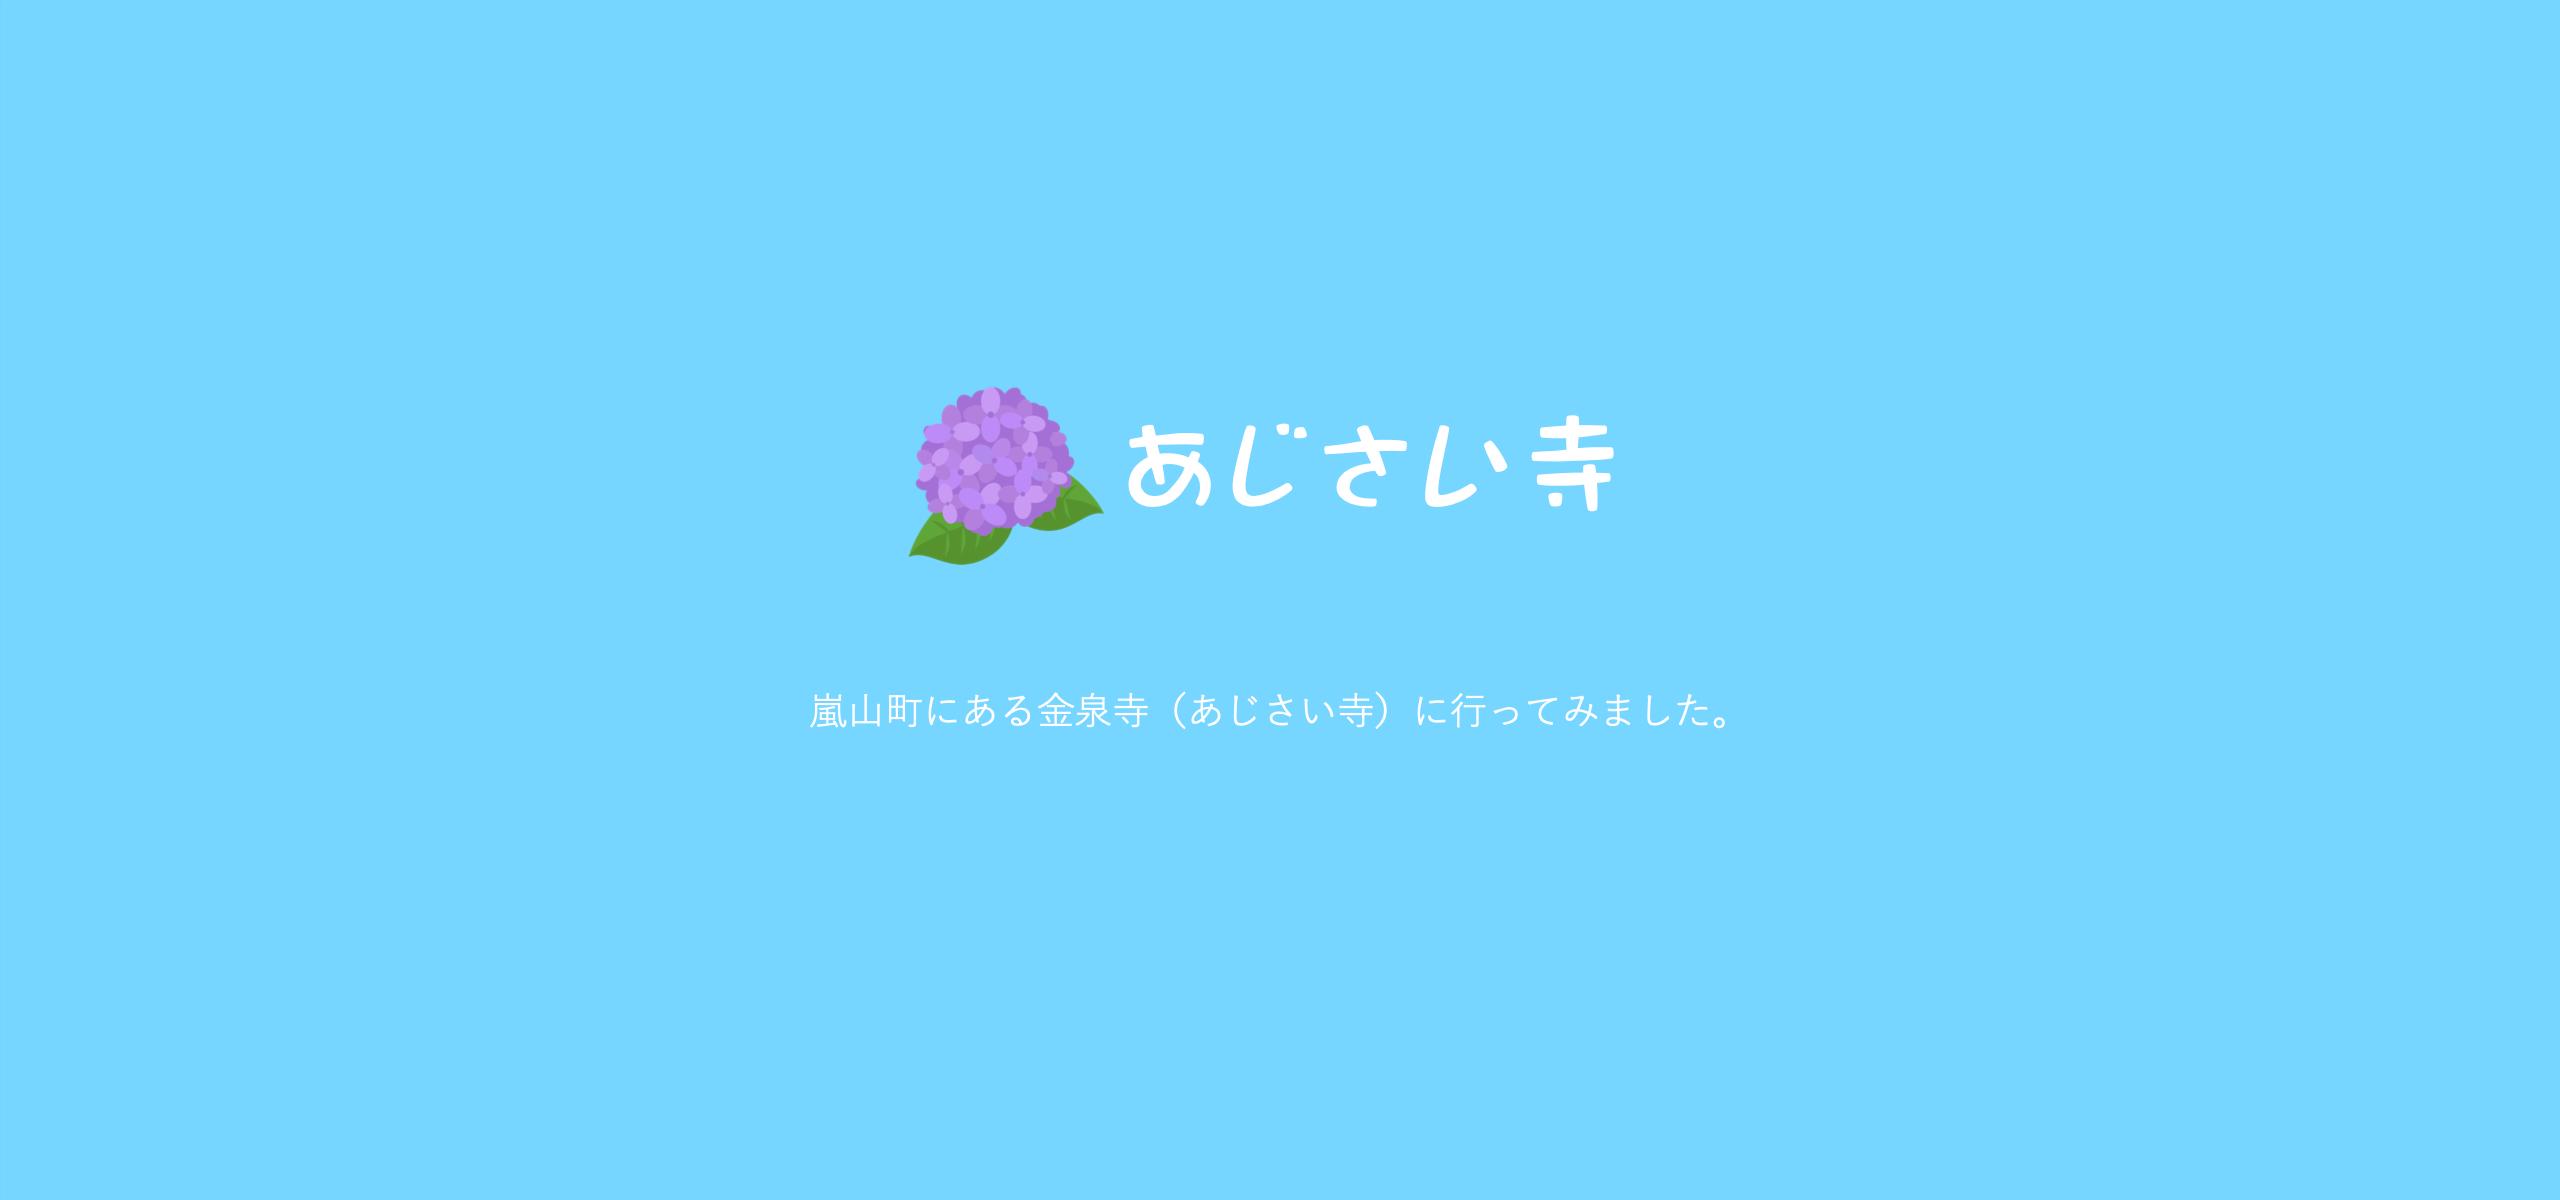 あじさい寺 埼玉県嵐山町 金泉寺 2018'